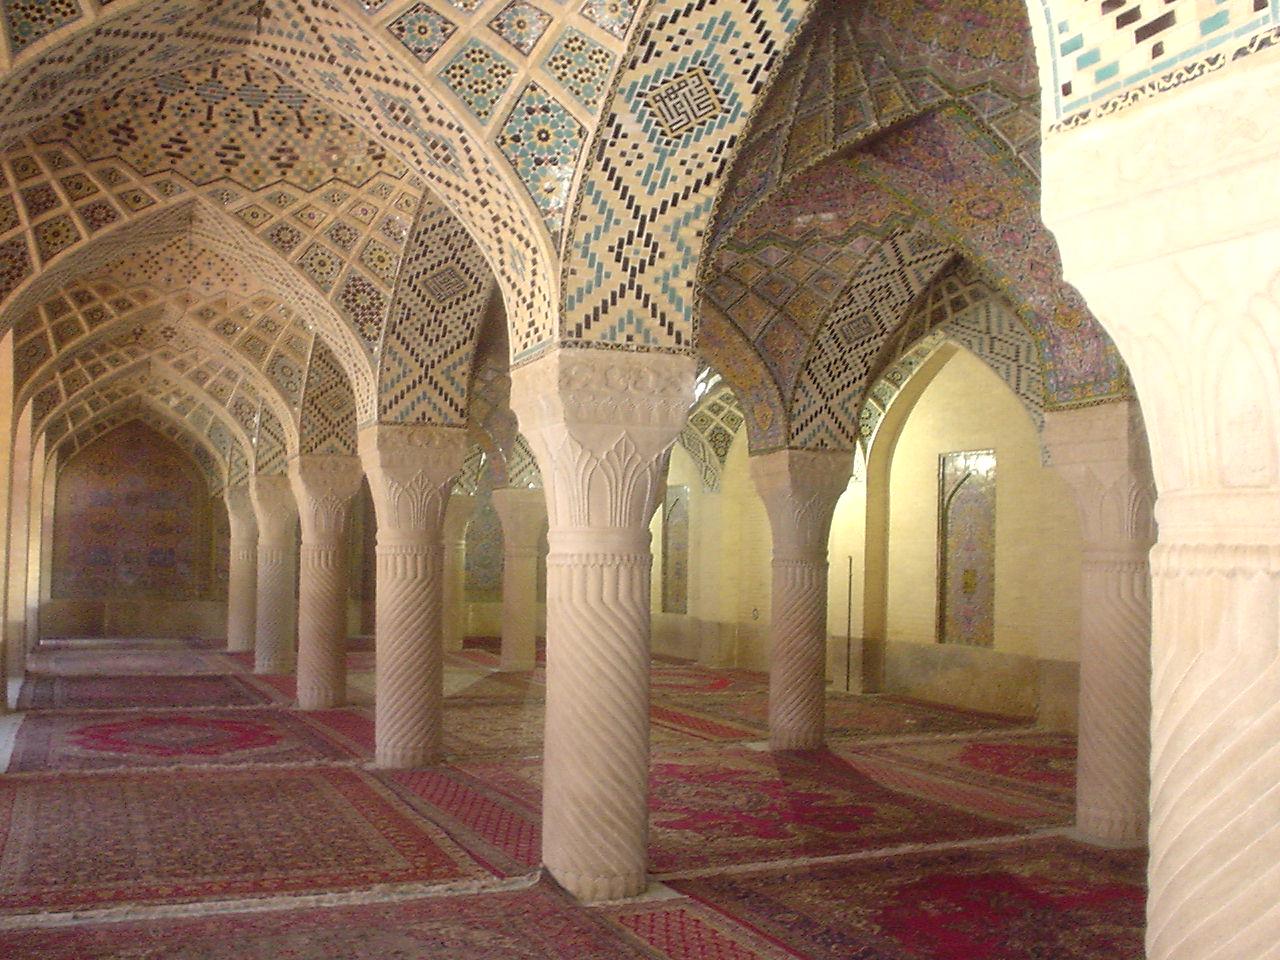 Le leve del Turismo: il caso dell'Iran, un Paese tutto da scoprire